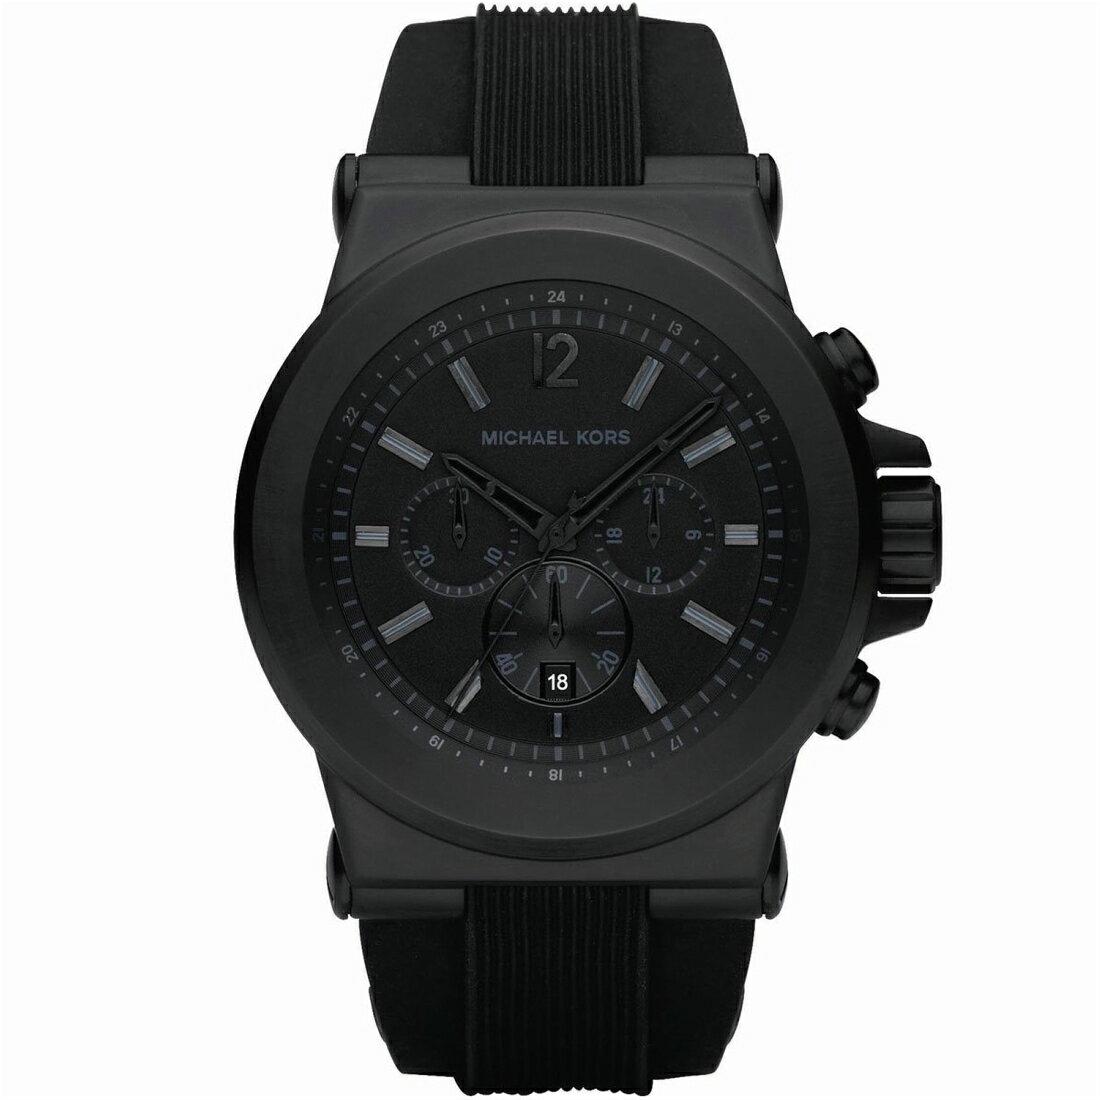 Outlet正品代購 Michael Kors MK 男款 沉穩黑錶面 橡膠錶帶 三眼計時手錶腕錶 MK8152